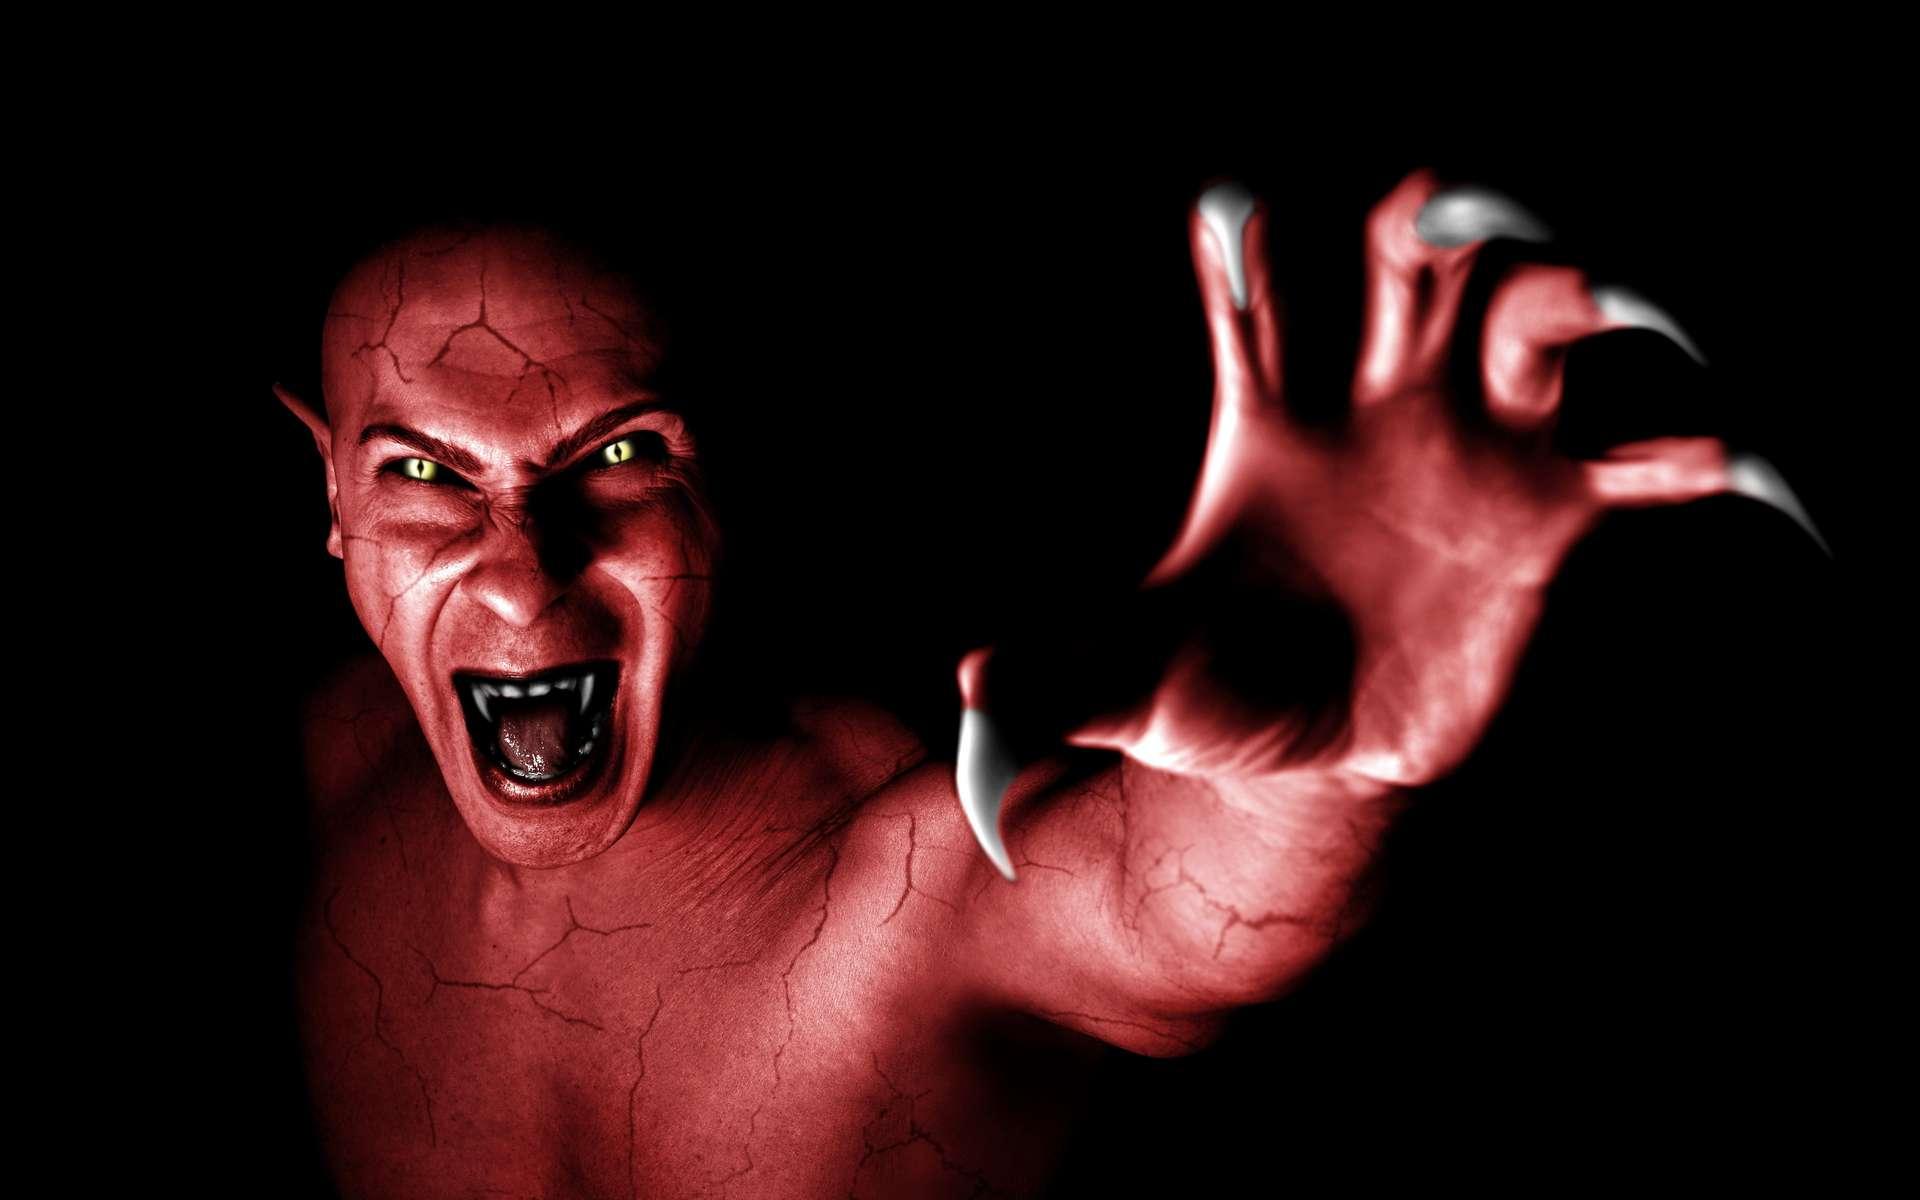 Suite à la propagation d'une bactérie, presque tous les humains sont devenus des vampires. © Serpeblu, Adobe Stock